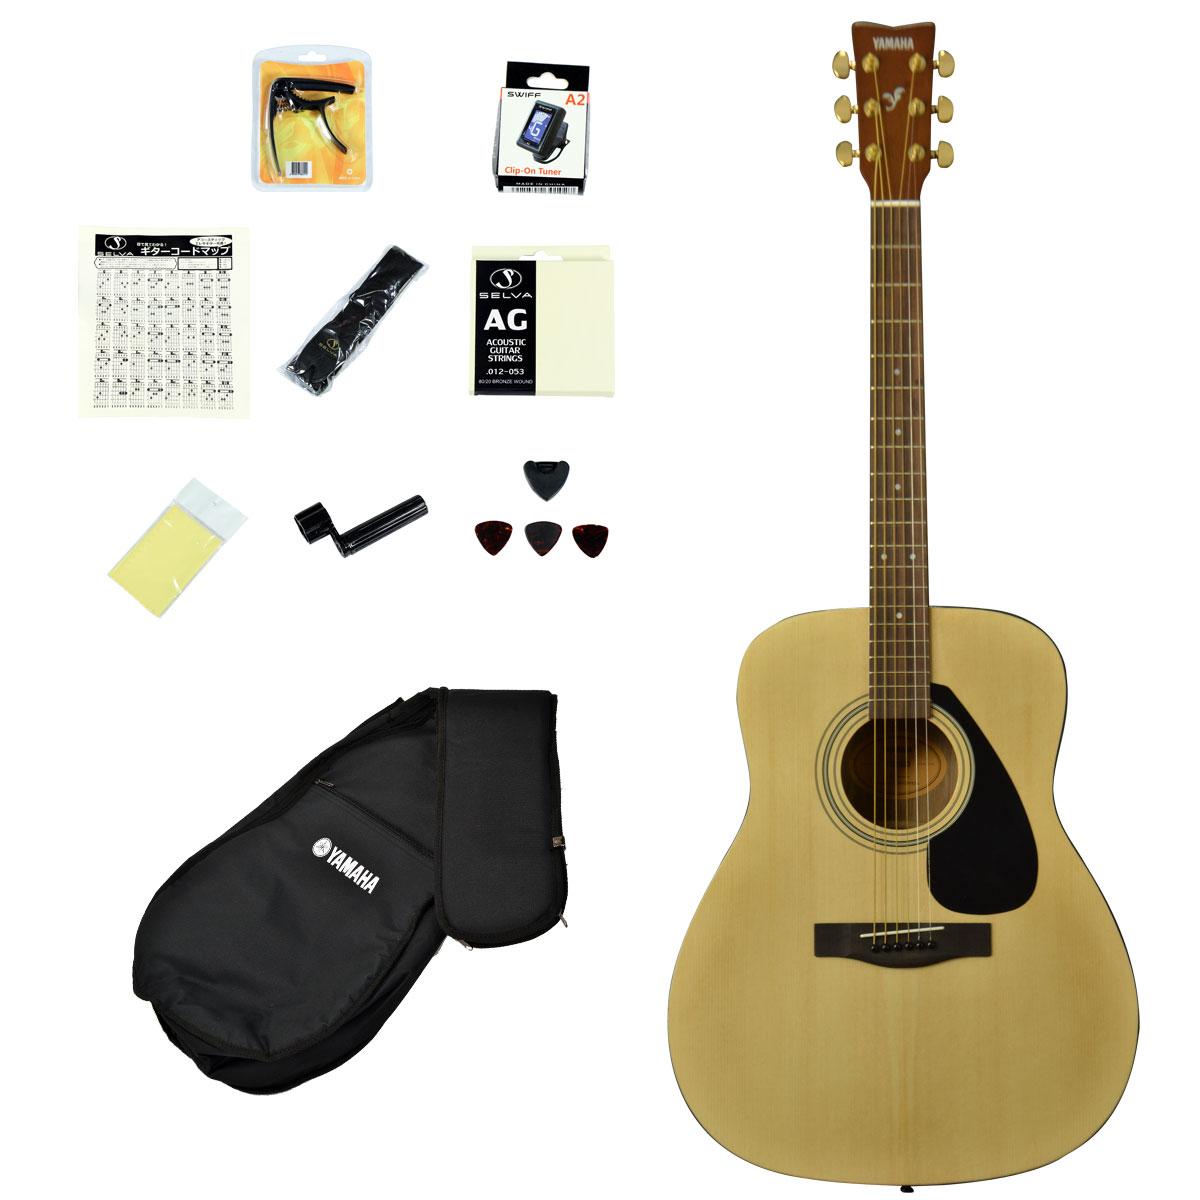 YAMAHA / F315D NT(ナチュラル) 【アコースティックギター12点入門セット!】 ヤマハ アコギ フォークギター F-315D 入門 初心者【YRK】